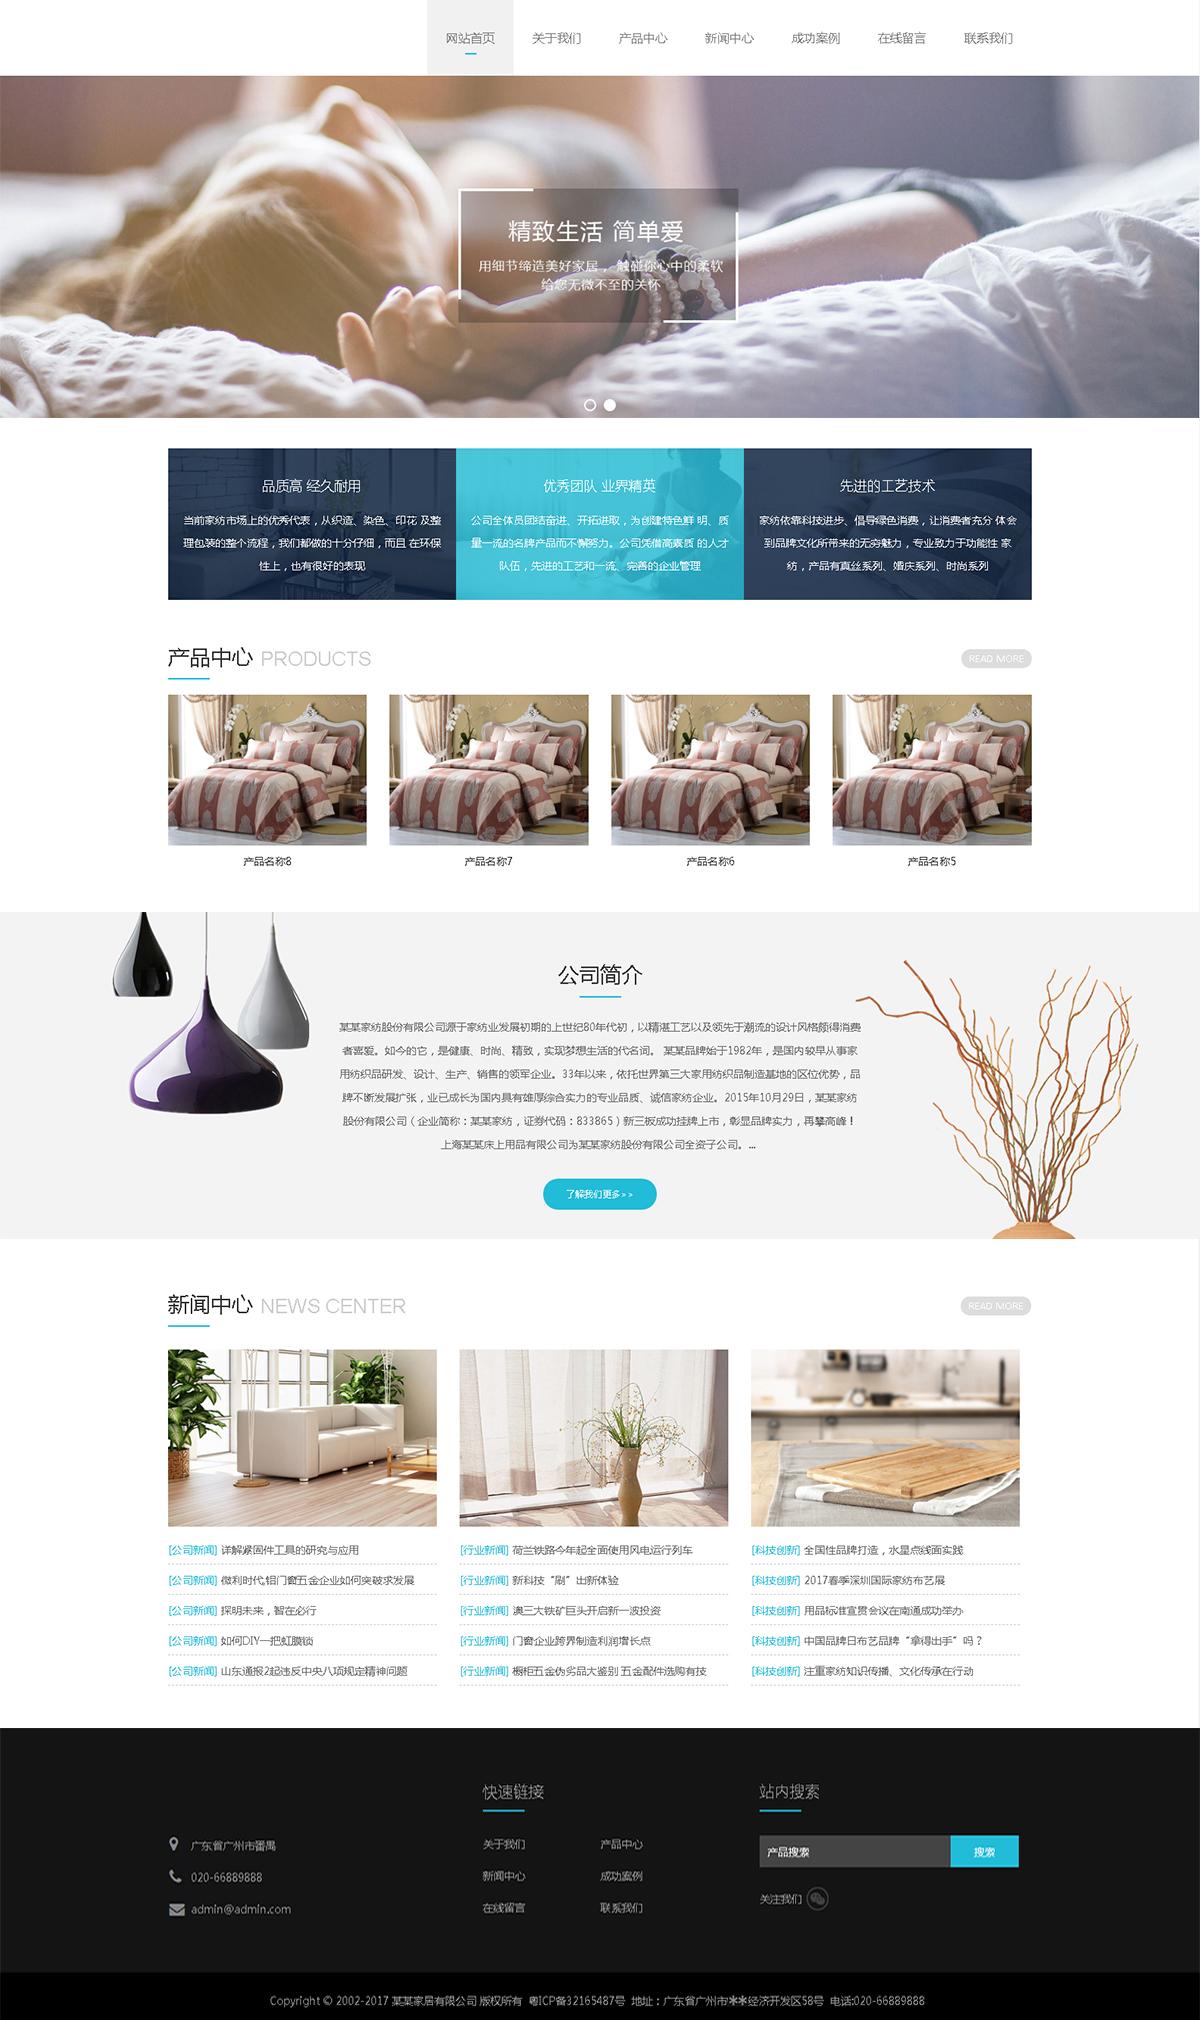 家居公司网站制作案例